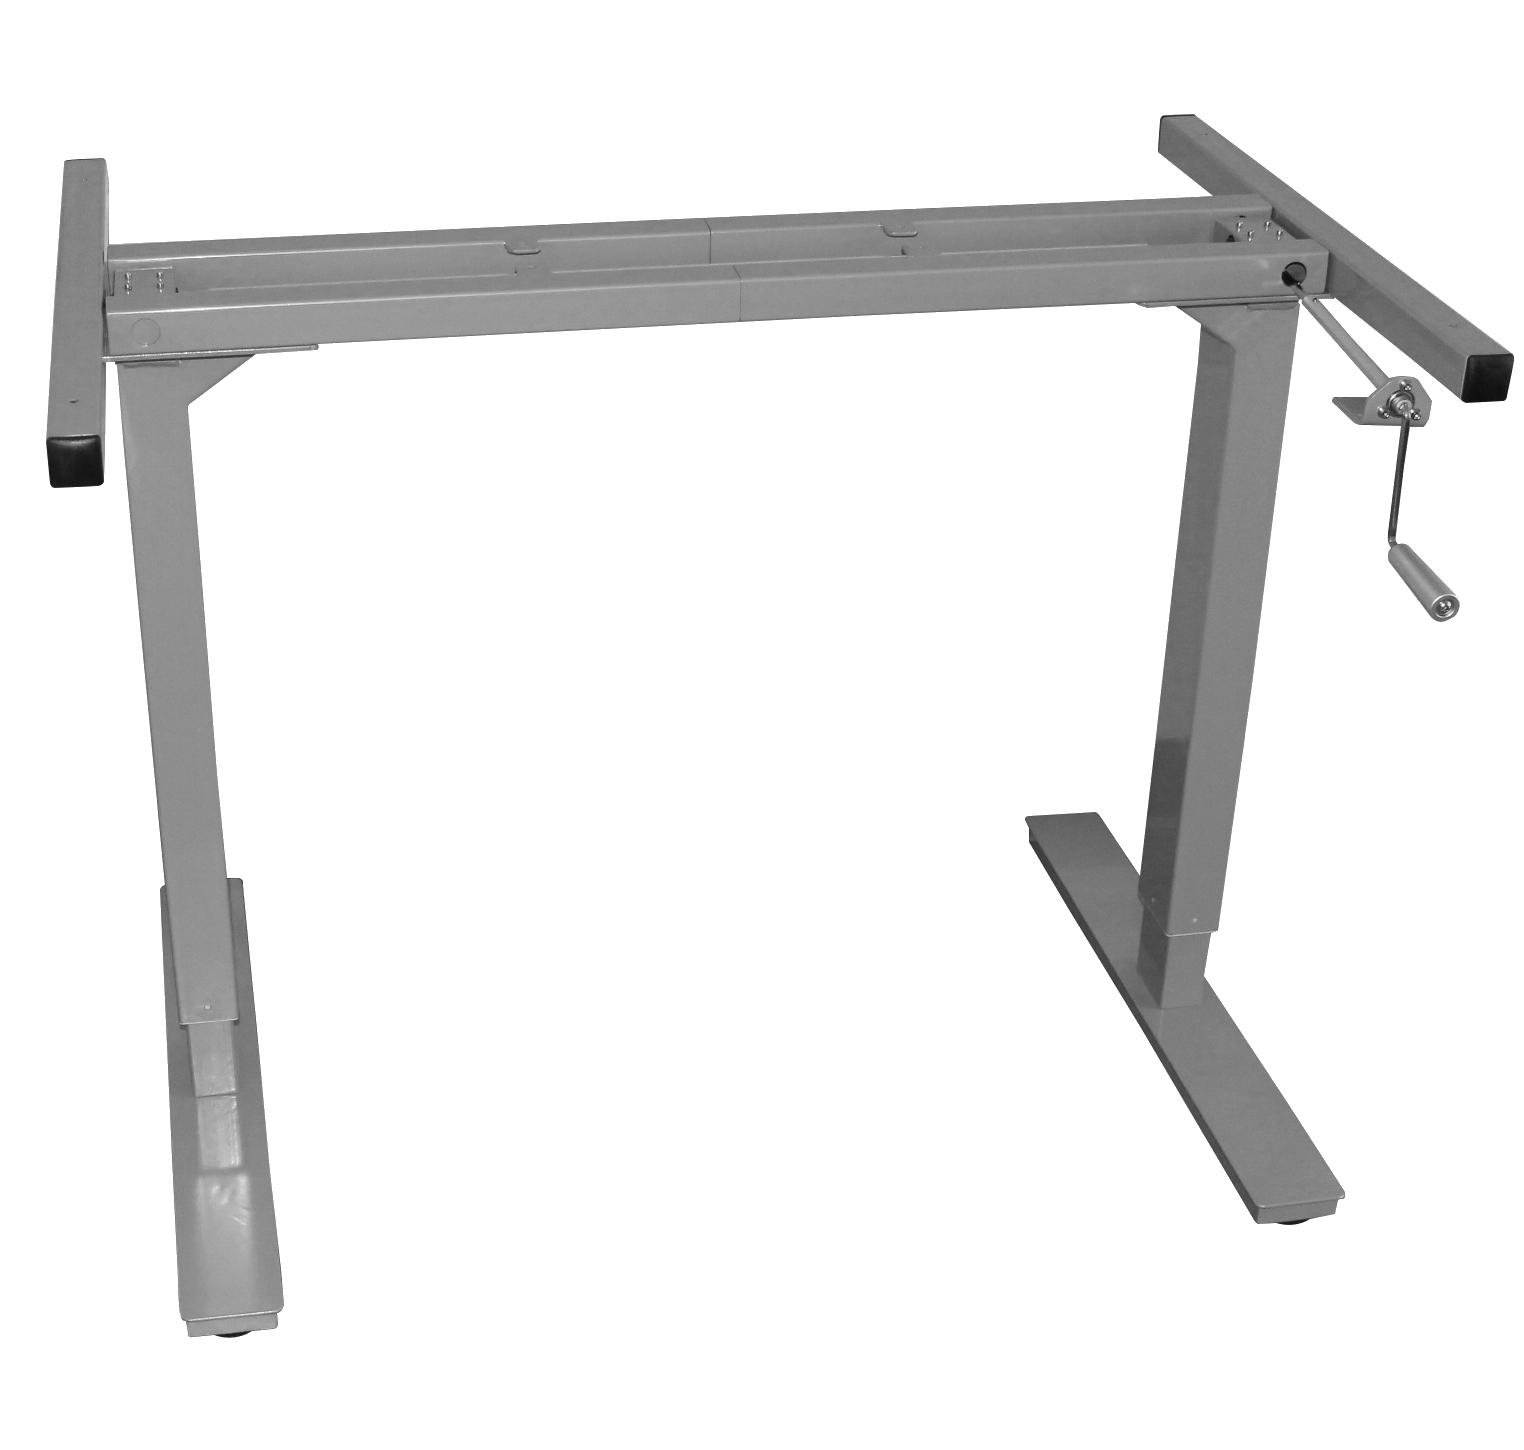 Manual Adjustable Height Desk Frame Rocky Mountain Desks